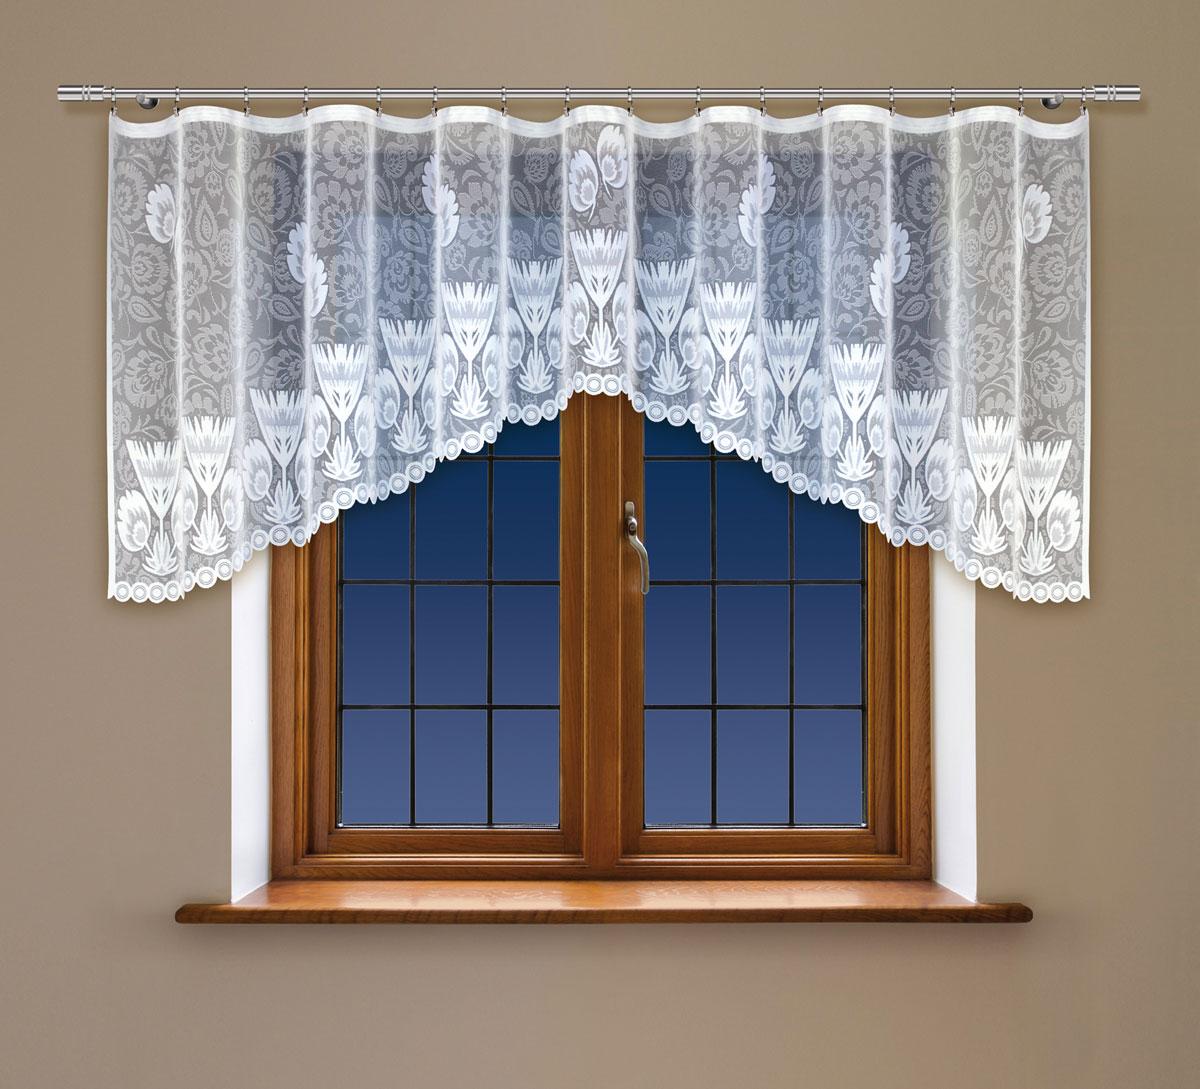 Гардина Haft, на ленте, цвет: белый, высота 140 см. 222350222350/140Гардина Haft, изготовленная из полиэстера, станет великолепным украшением любого окна. Тонкое плетение и оригинальный дизайн привлекут к себе внимание. Изделие органично впишется в интерьер. Гардина крепится на карниз при помощи ленты, которая поможет красиво и равномерно задрапировать верх.